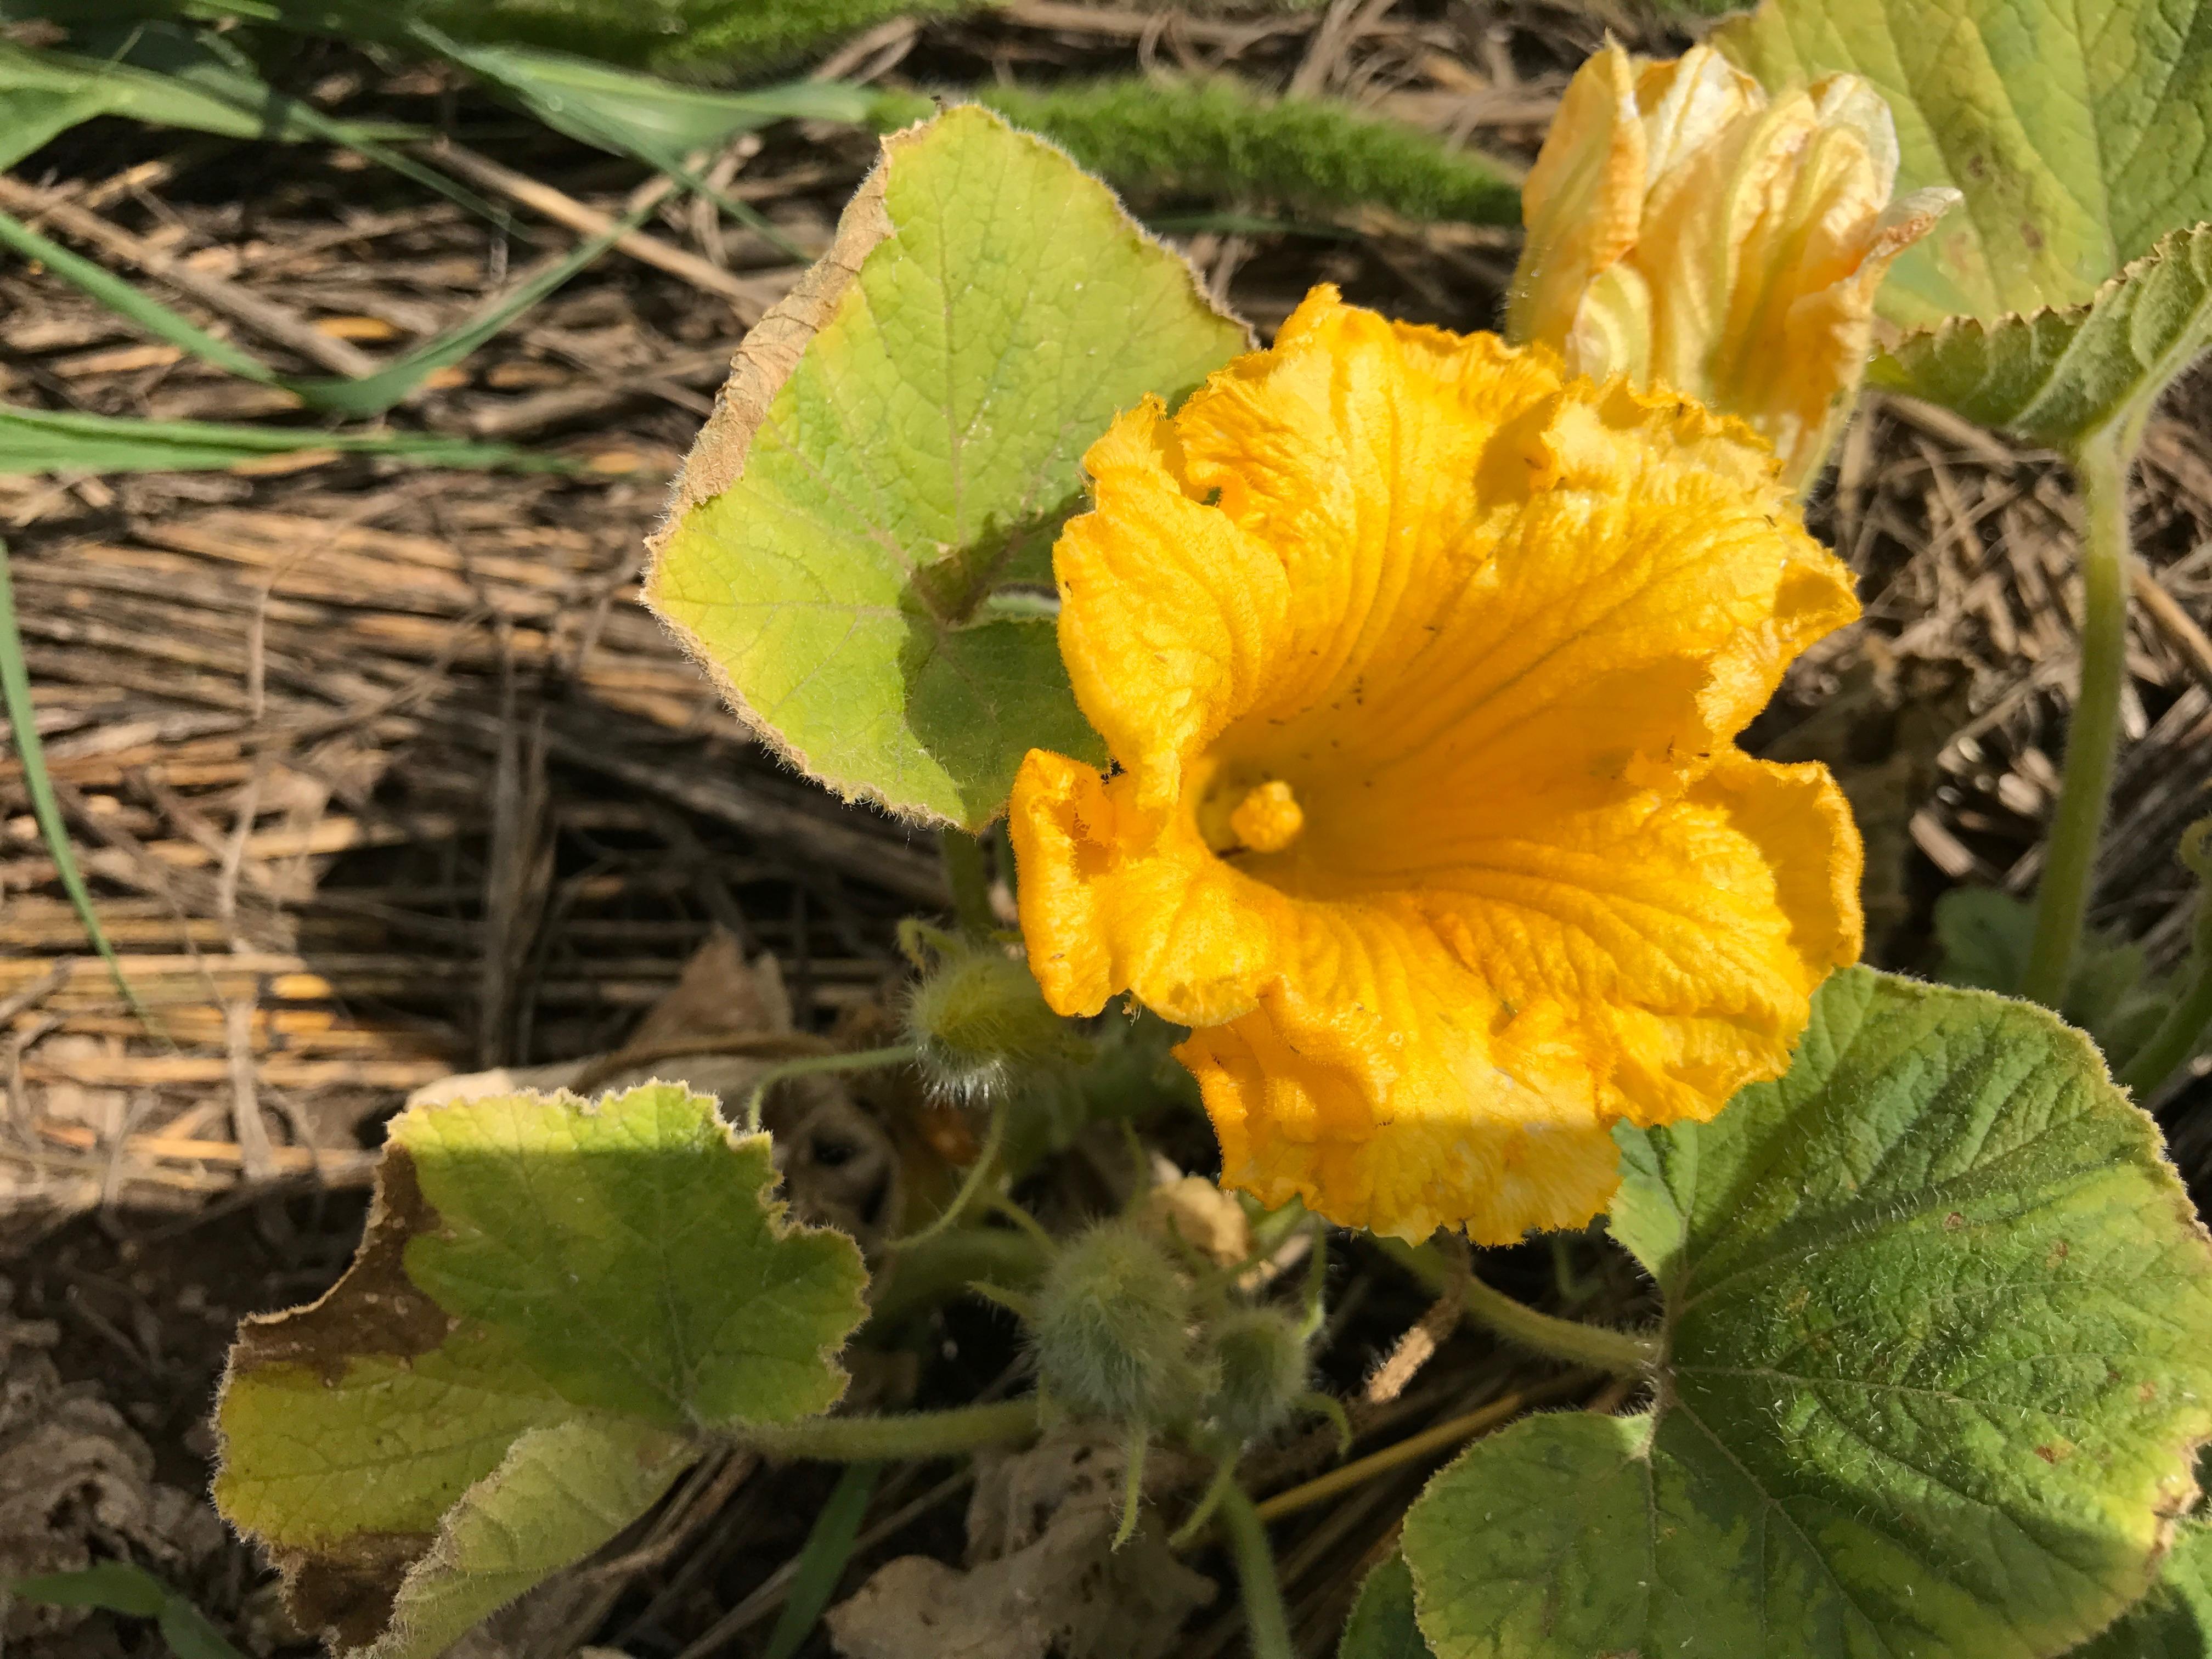 零れ種子の南瓜(かぼちゃ)の花が咲いていました。